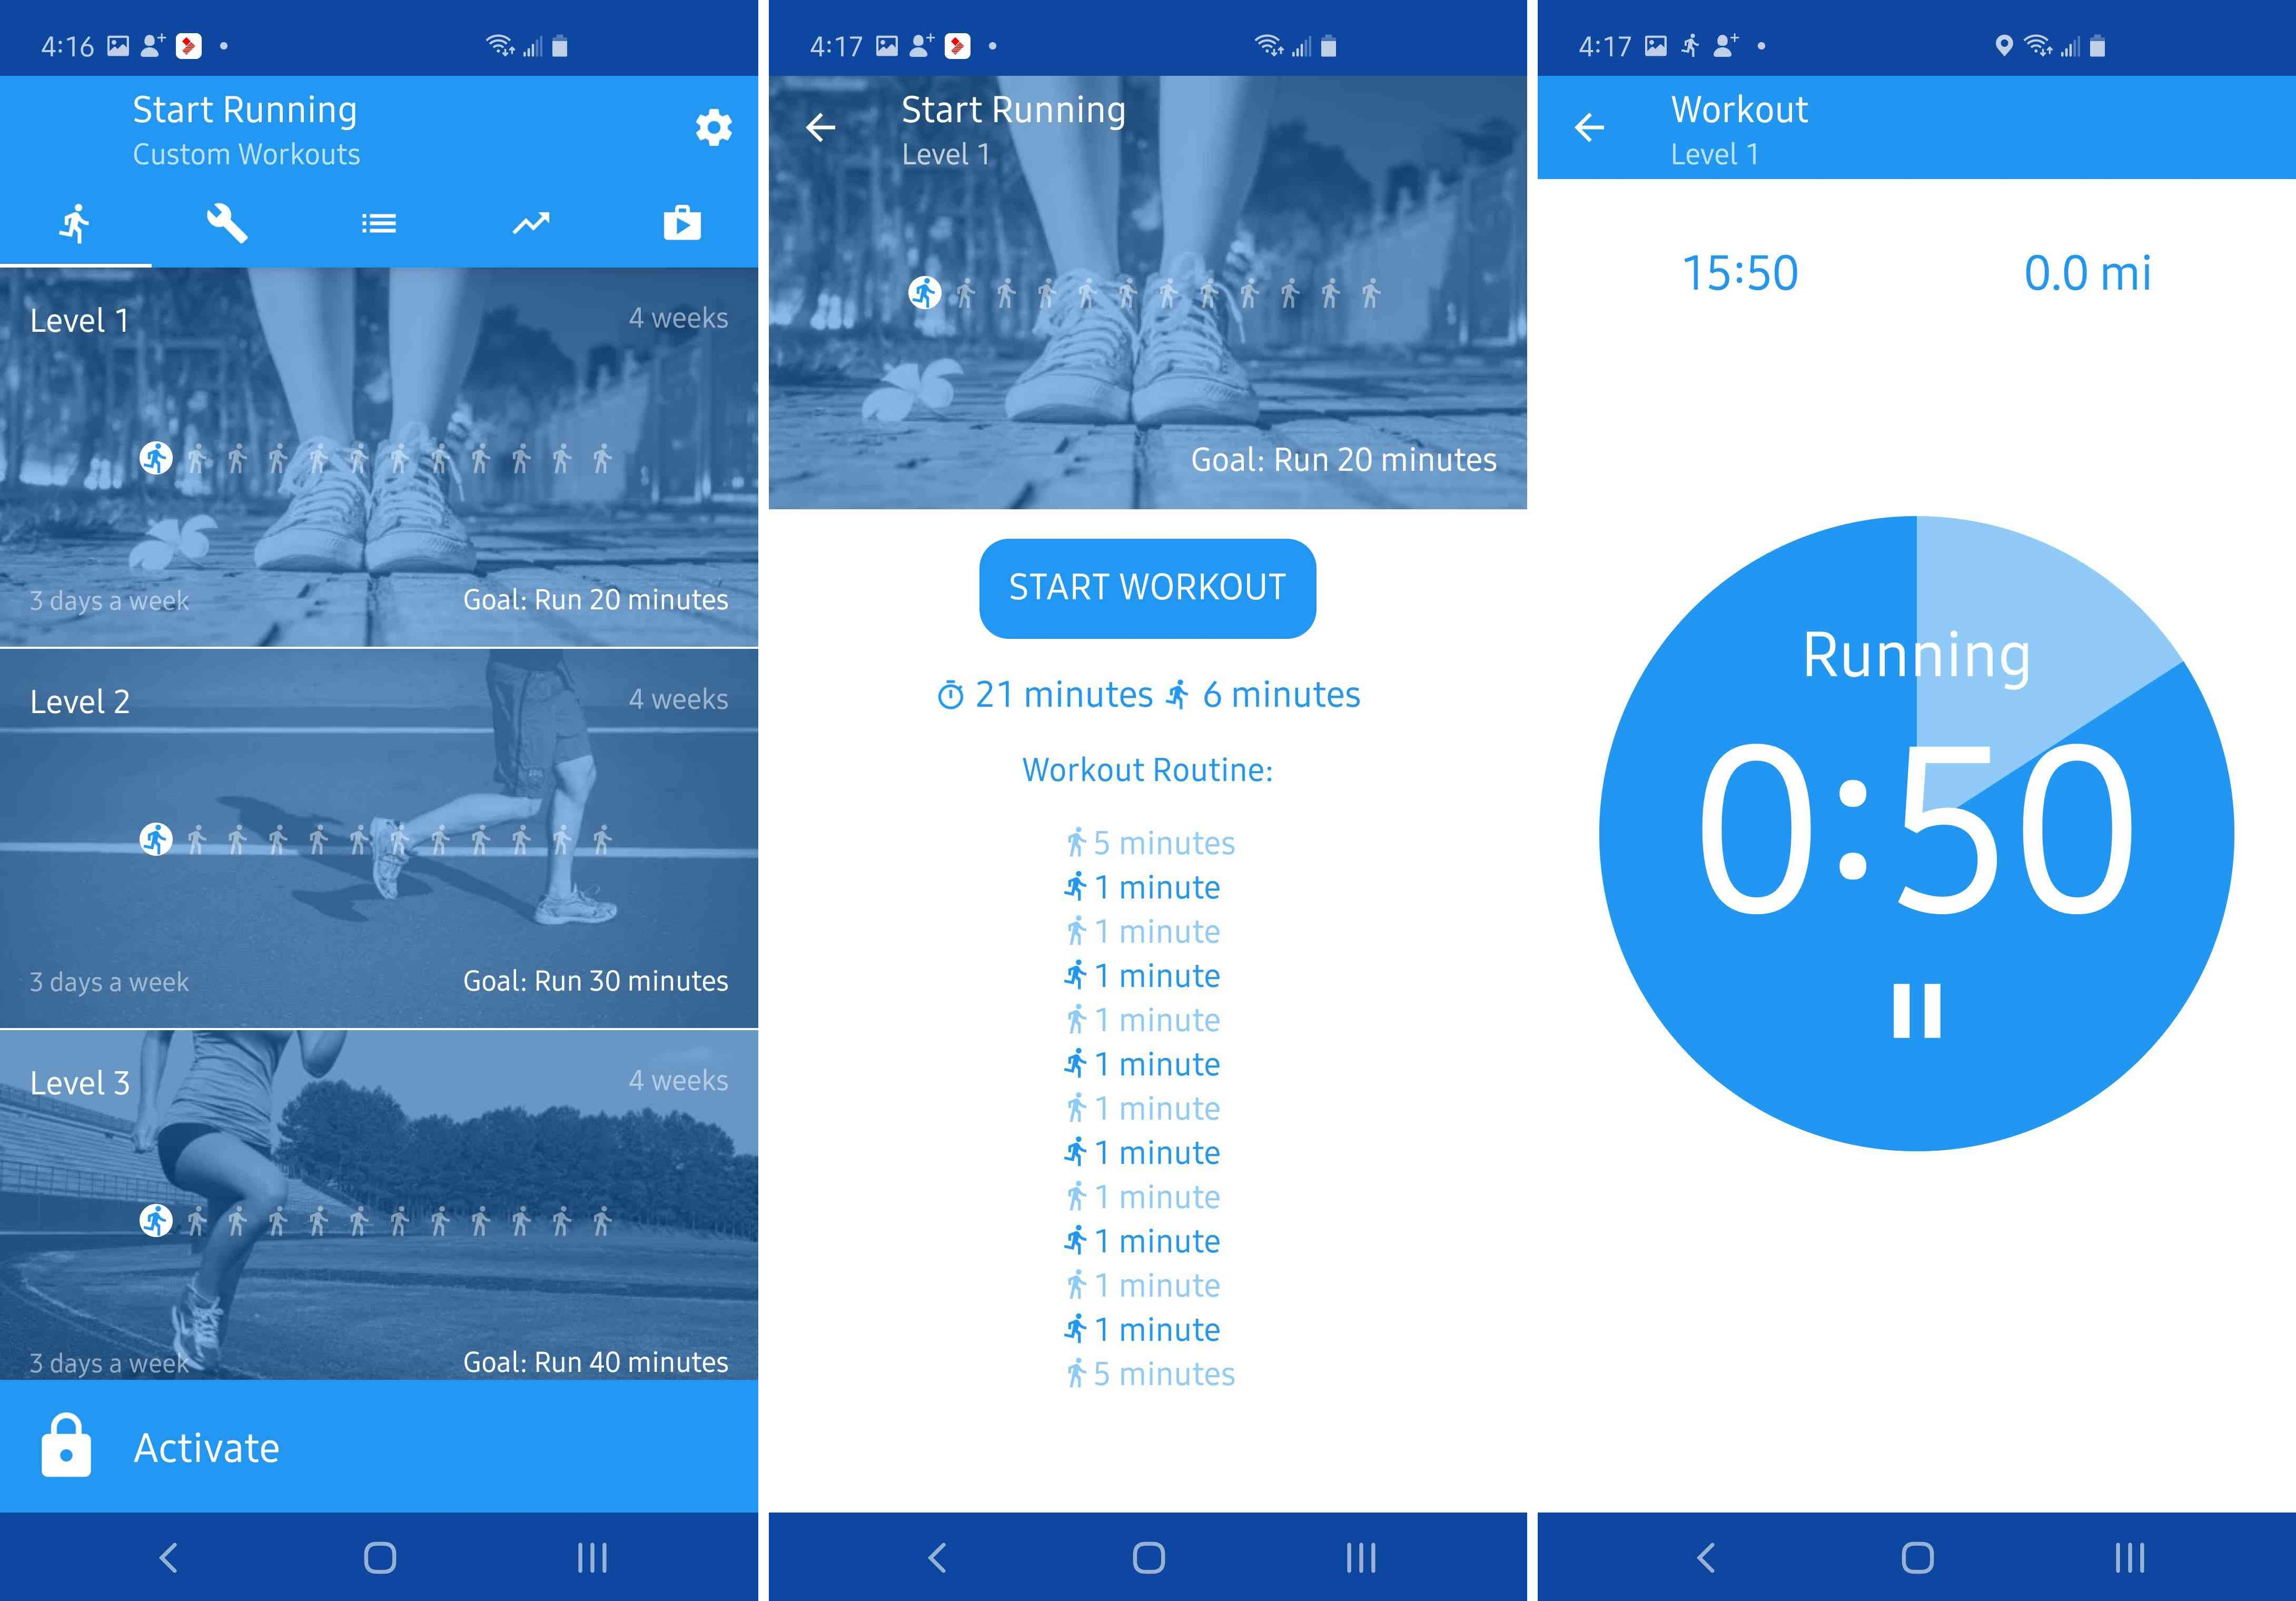 Three views of the Start Running app